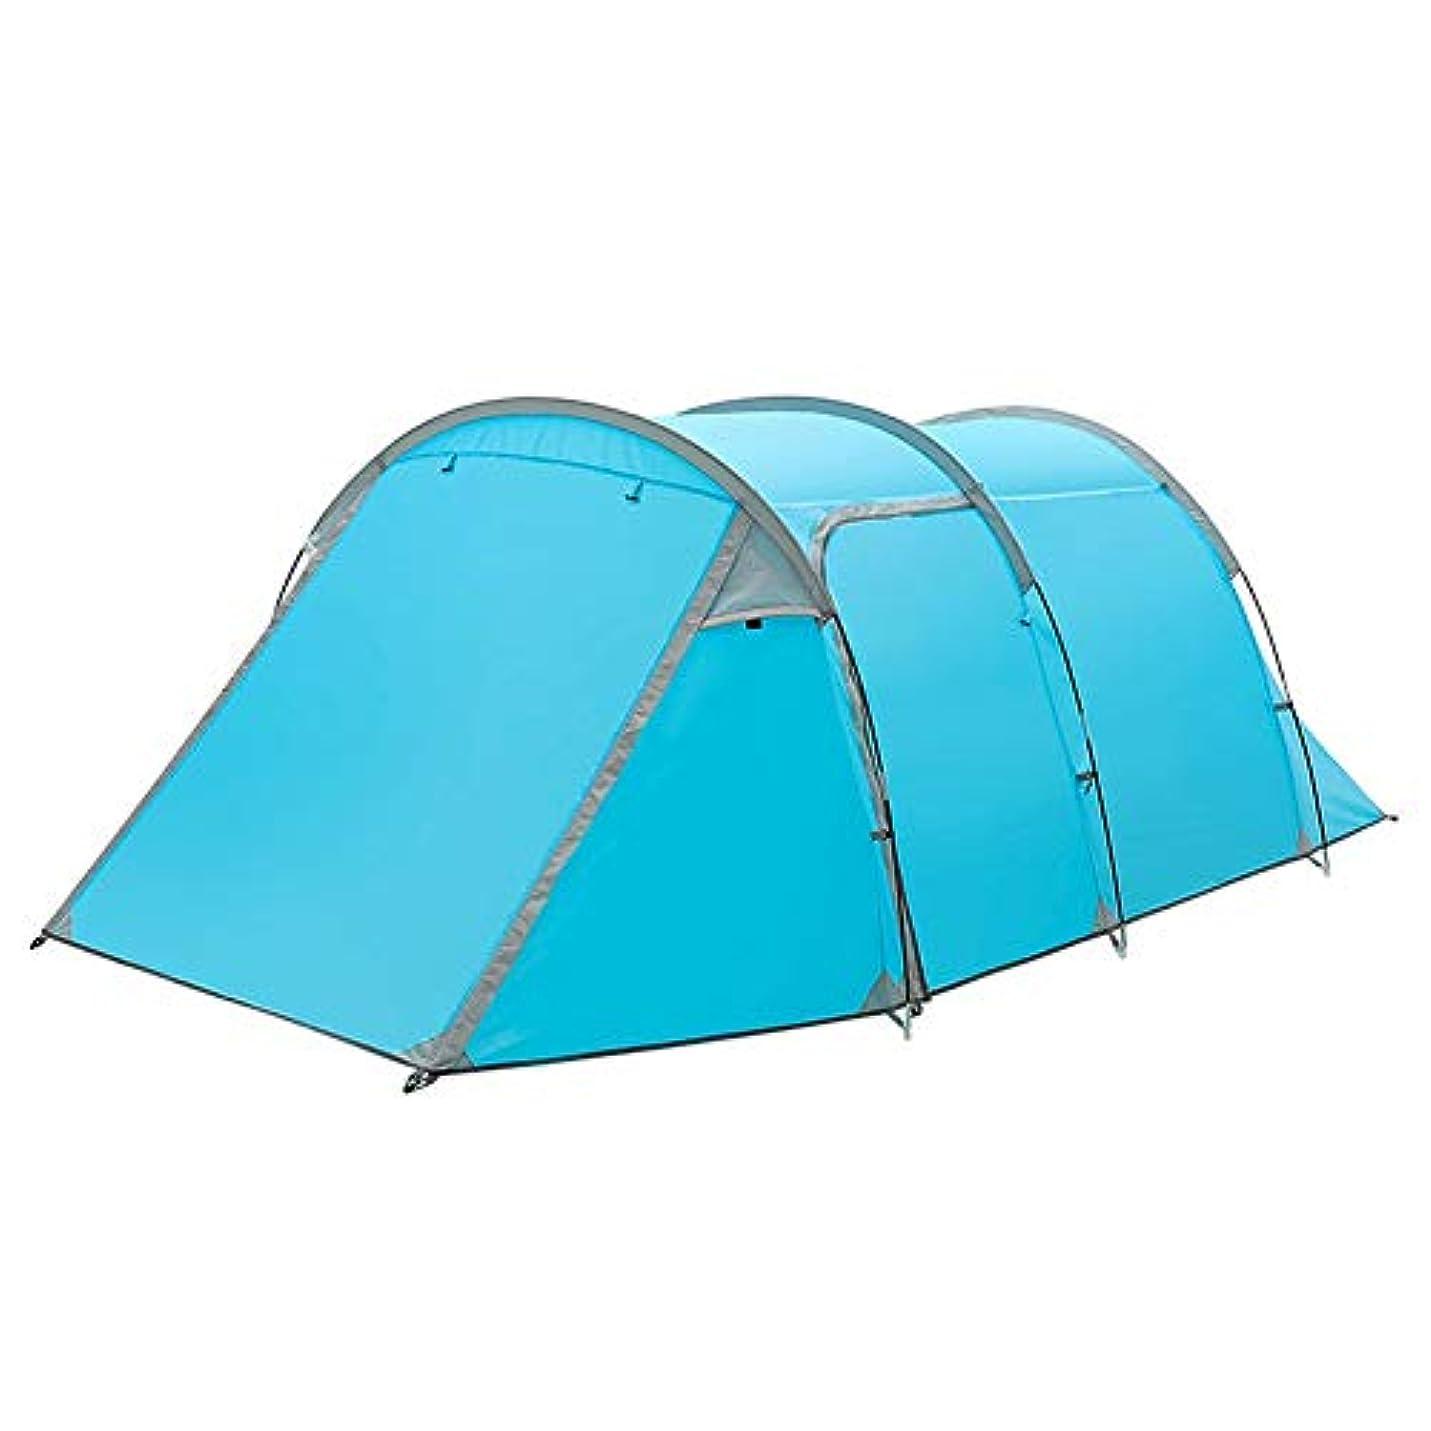 不十分なペダルメトロポリタン屋外テントダブルデッカー1部屋と1ホールテントキャンプ防雨3-4人のテント